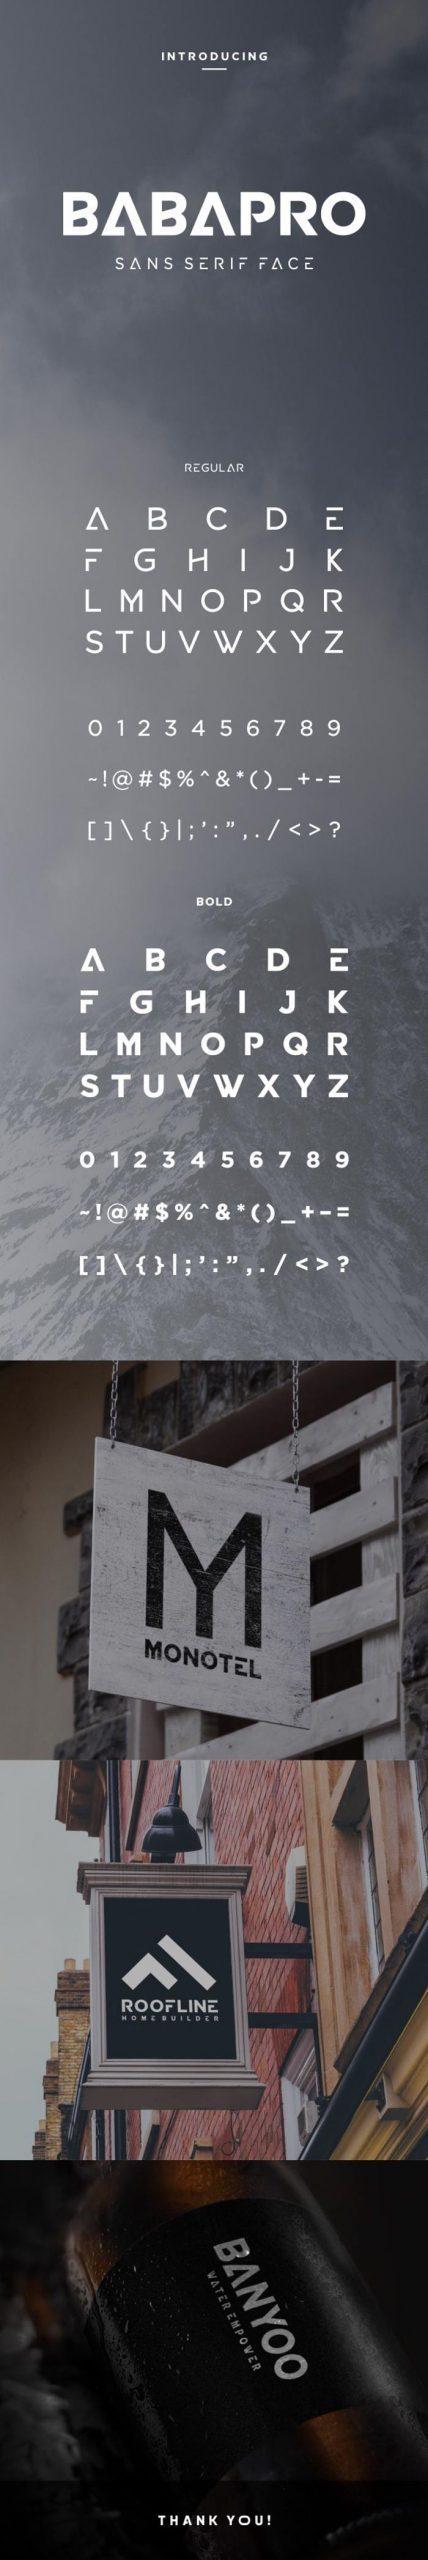 Baba-Pro-Font-2-scaled